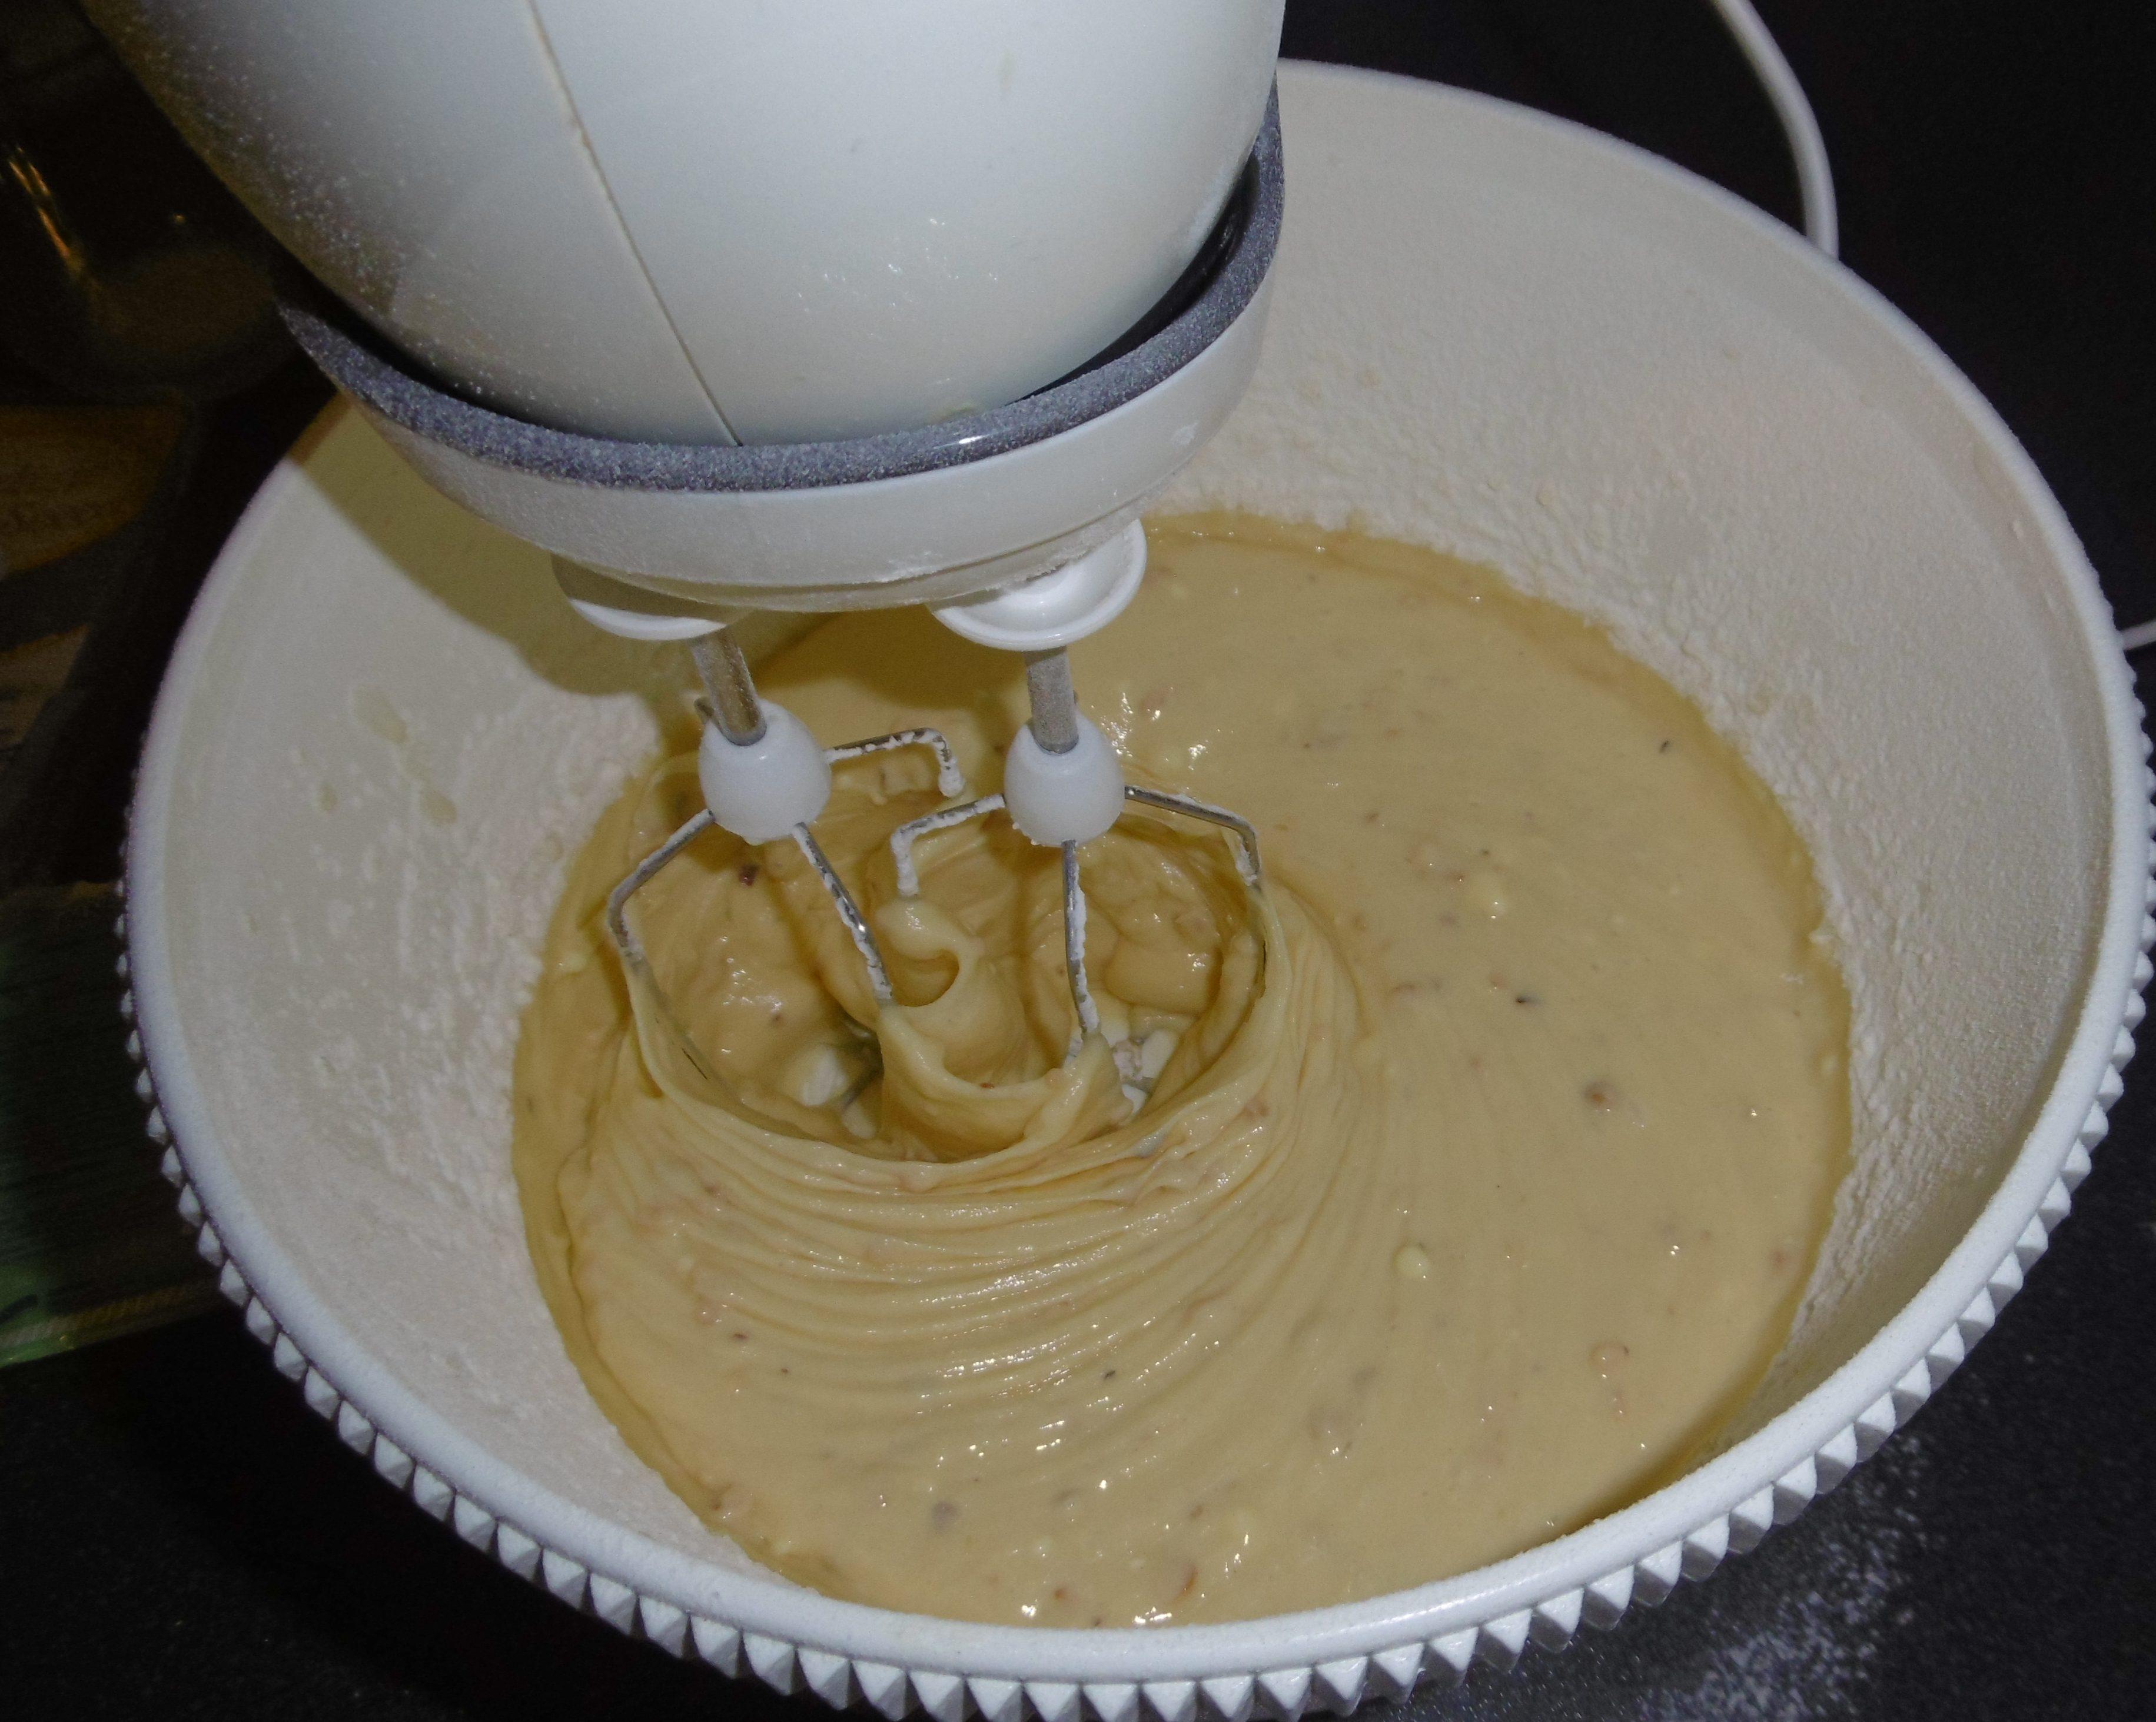 Torta di mele e nocciole - Aggiunta farina e nocciole